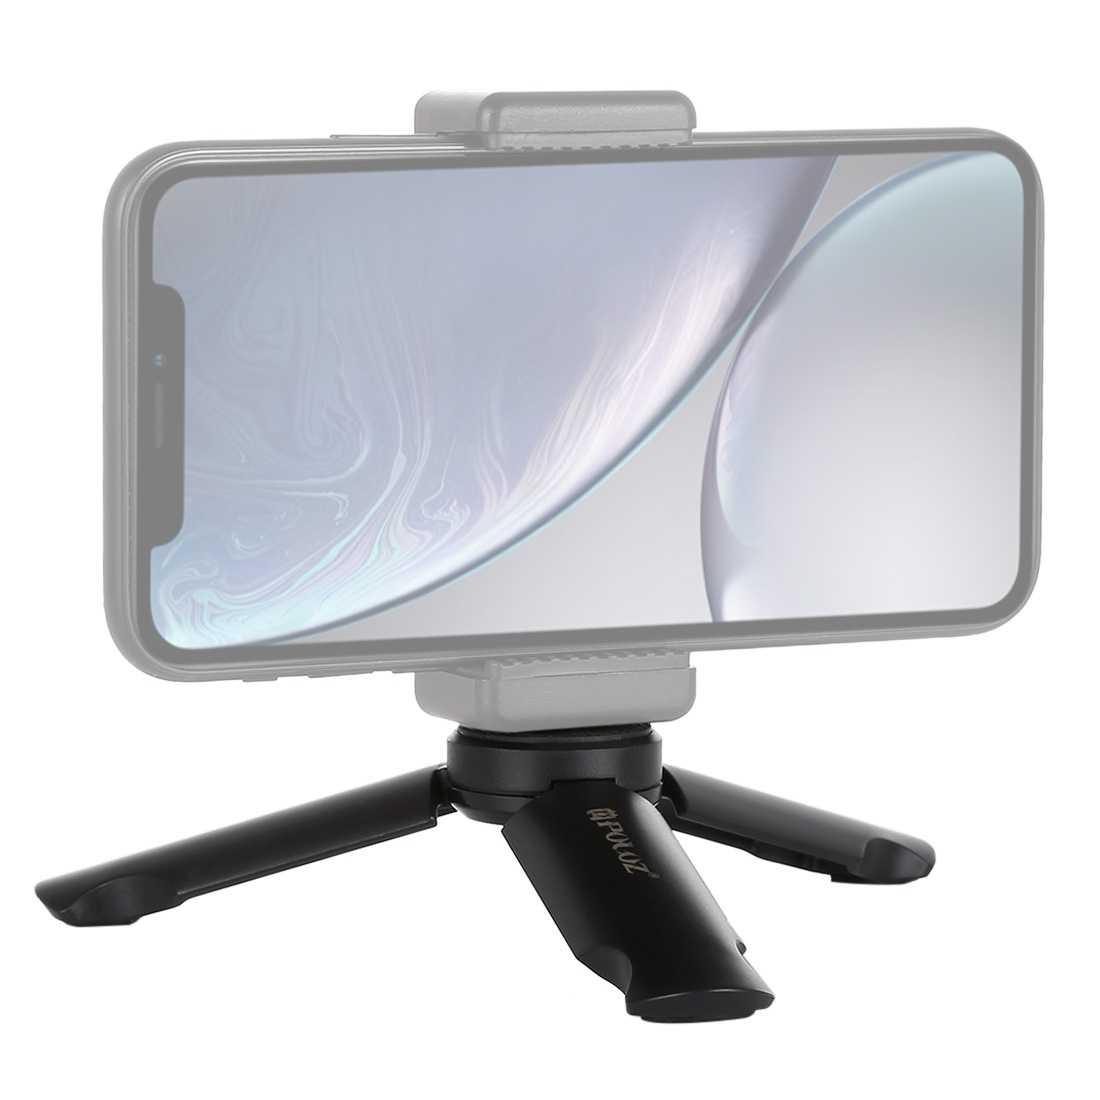 אוניברסלי מיני חצובה Stand 1/4 ''עבור Smartphone פעולה מצלמה מחזיק חדרגל עבור iPhone/Samsumg/Xiaomi עבור Gopro 6/DJI